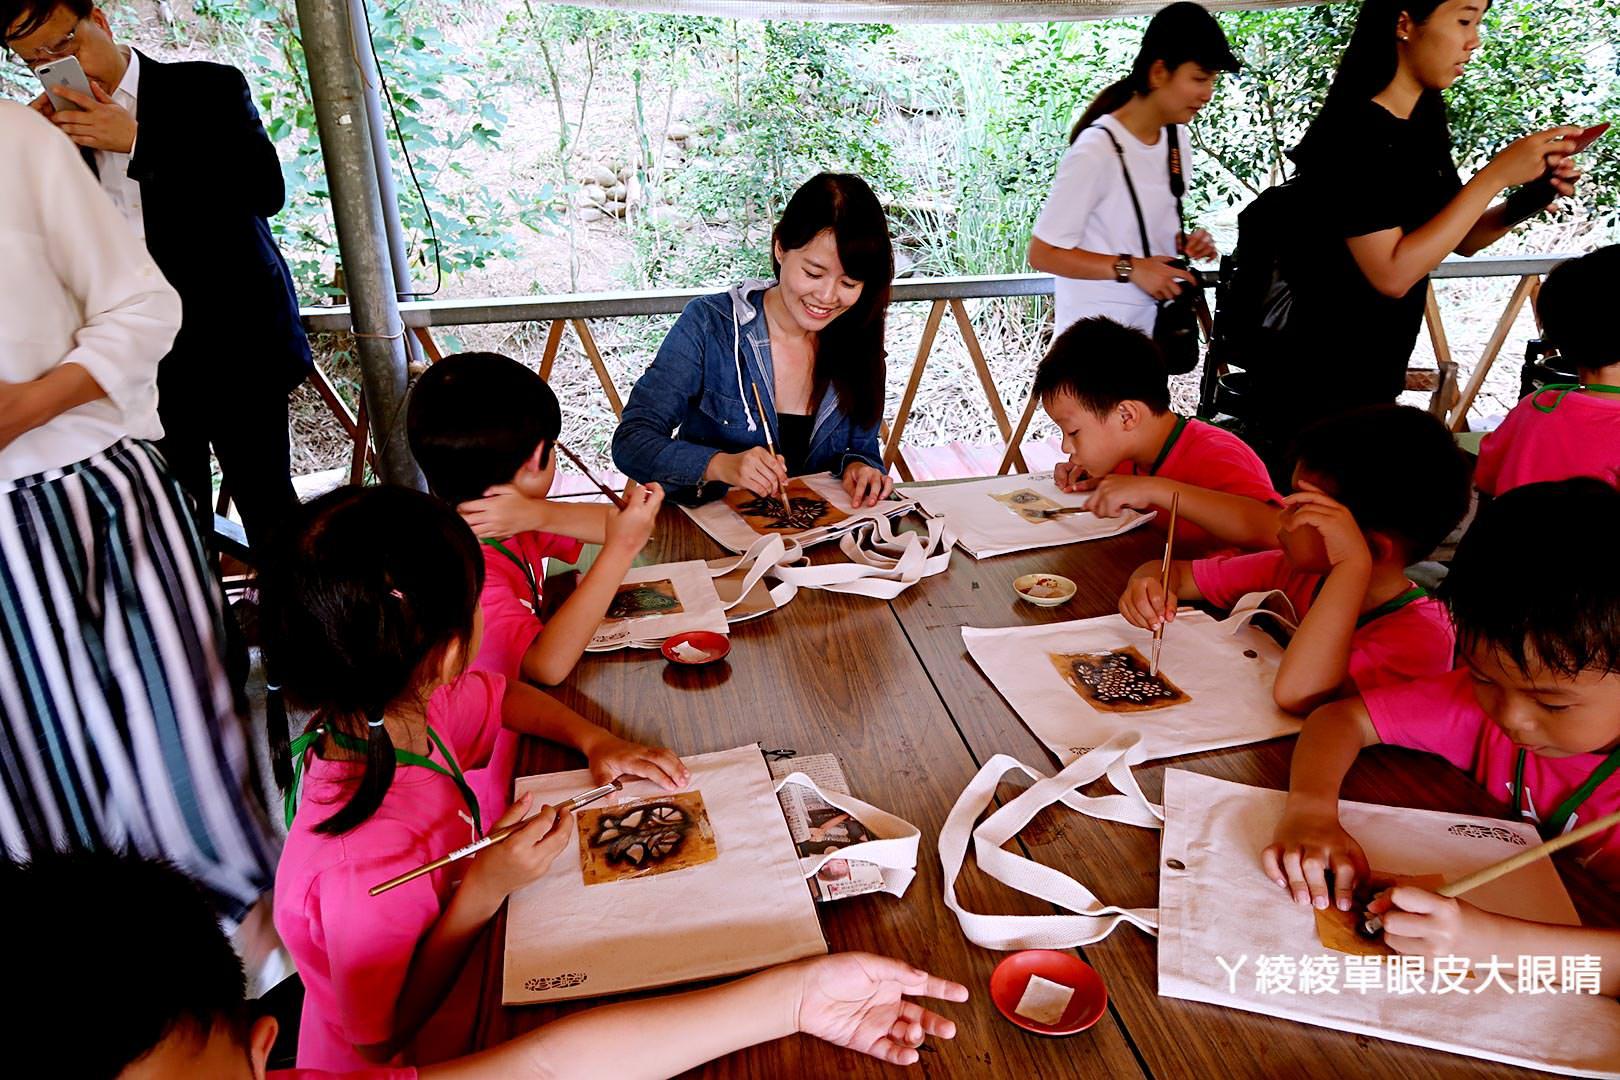 客庄在地餐桌輕旅行 搶鮮體驗!《客庄慢活慢食漫遊趣》創意客家料理|社區私房景點|手作DIY體驗